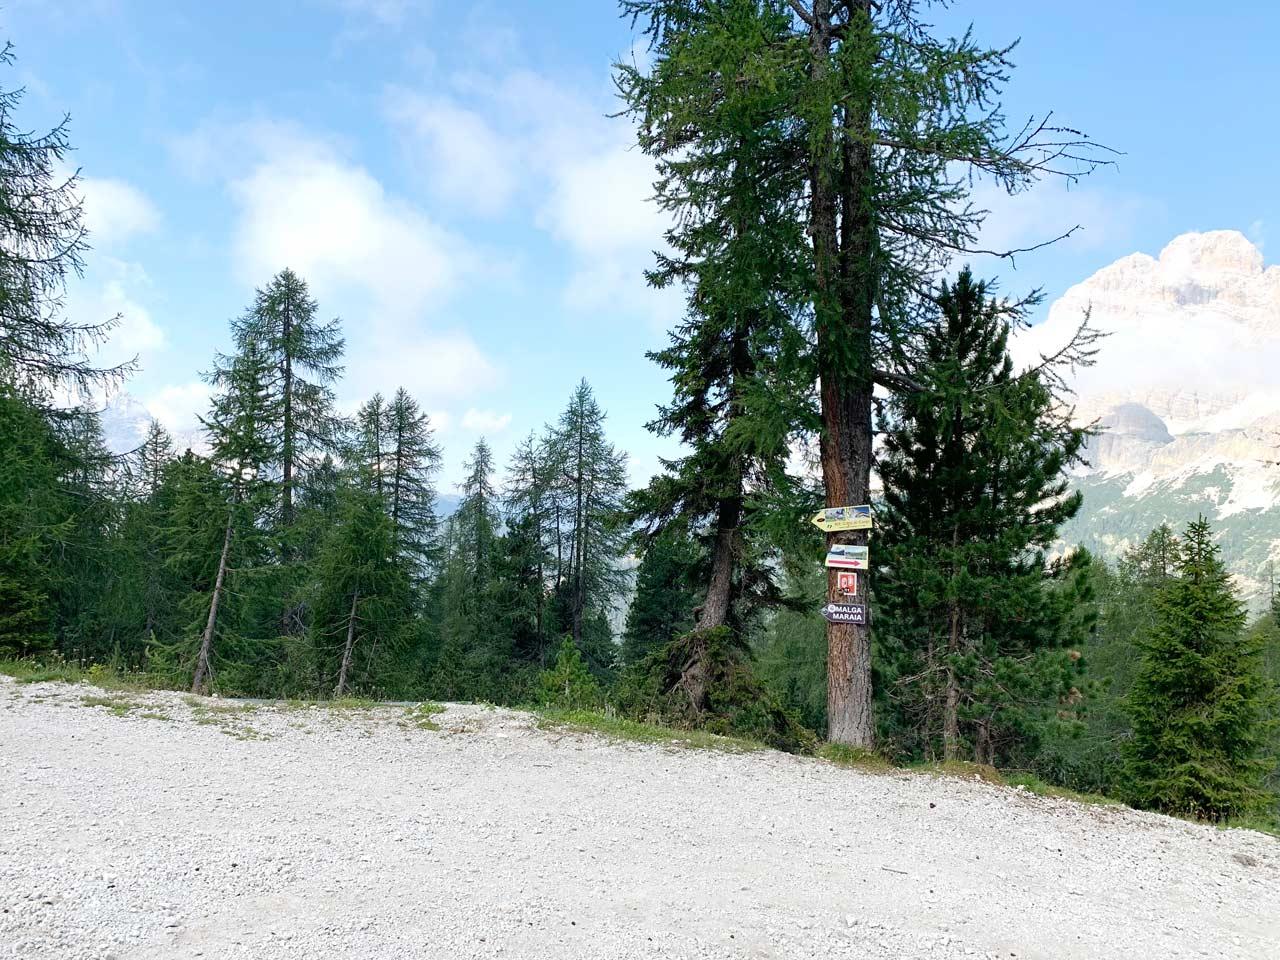 5-segnavia-sentiero-misurina-col-de-varda-rifugio-citta-di-carpi